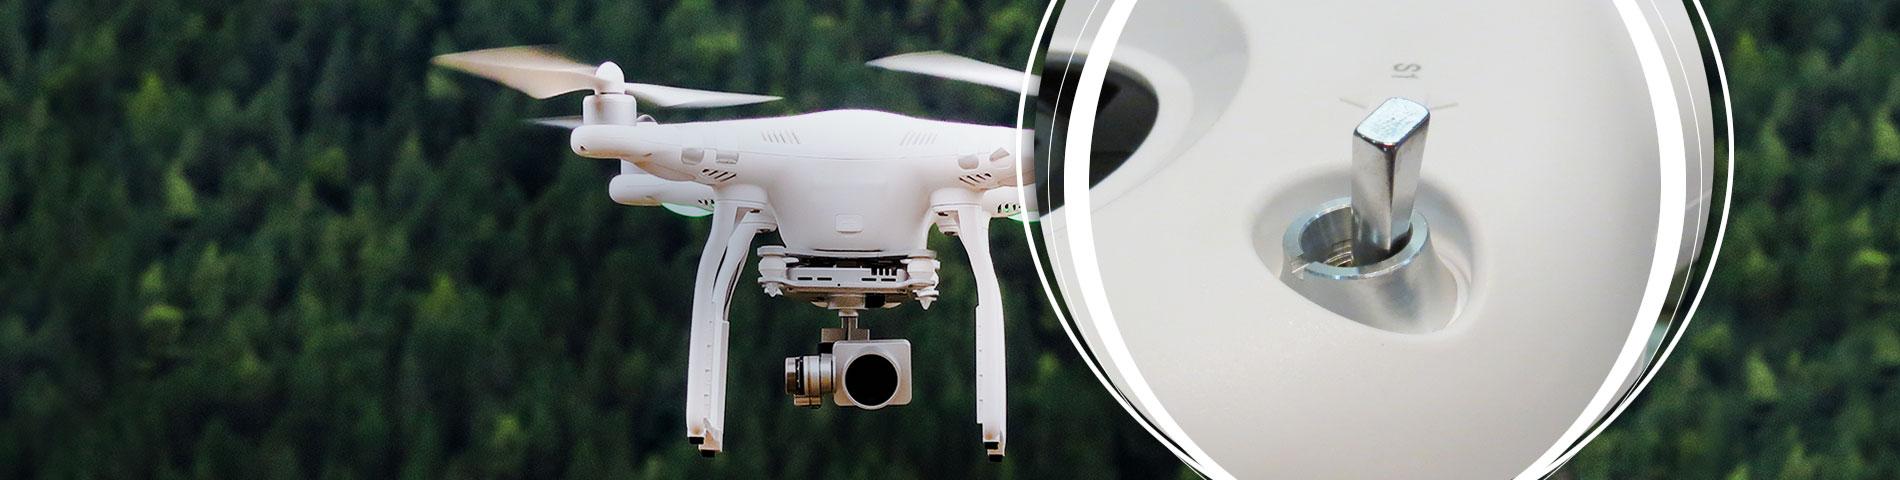 Модельная авиастроительная промышленность - Применимый к дистанционное управление БПЛА